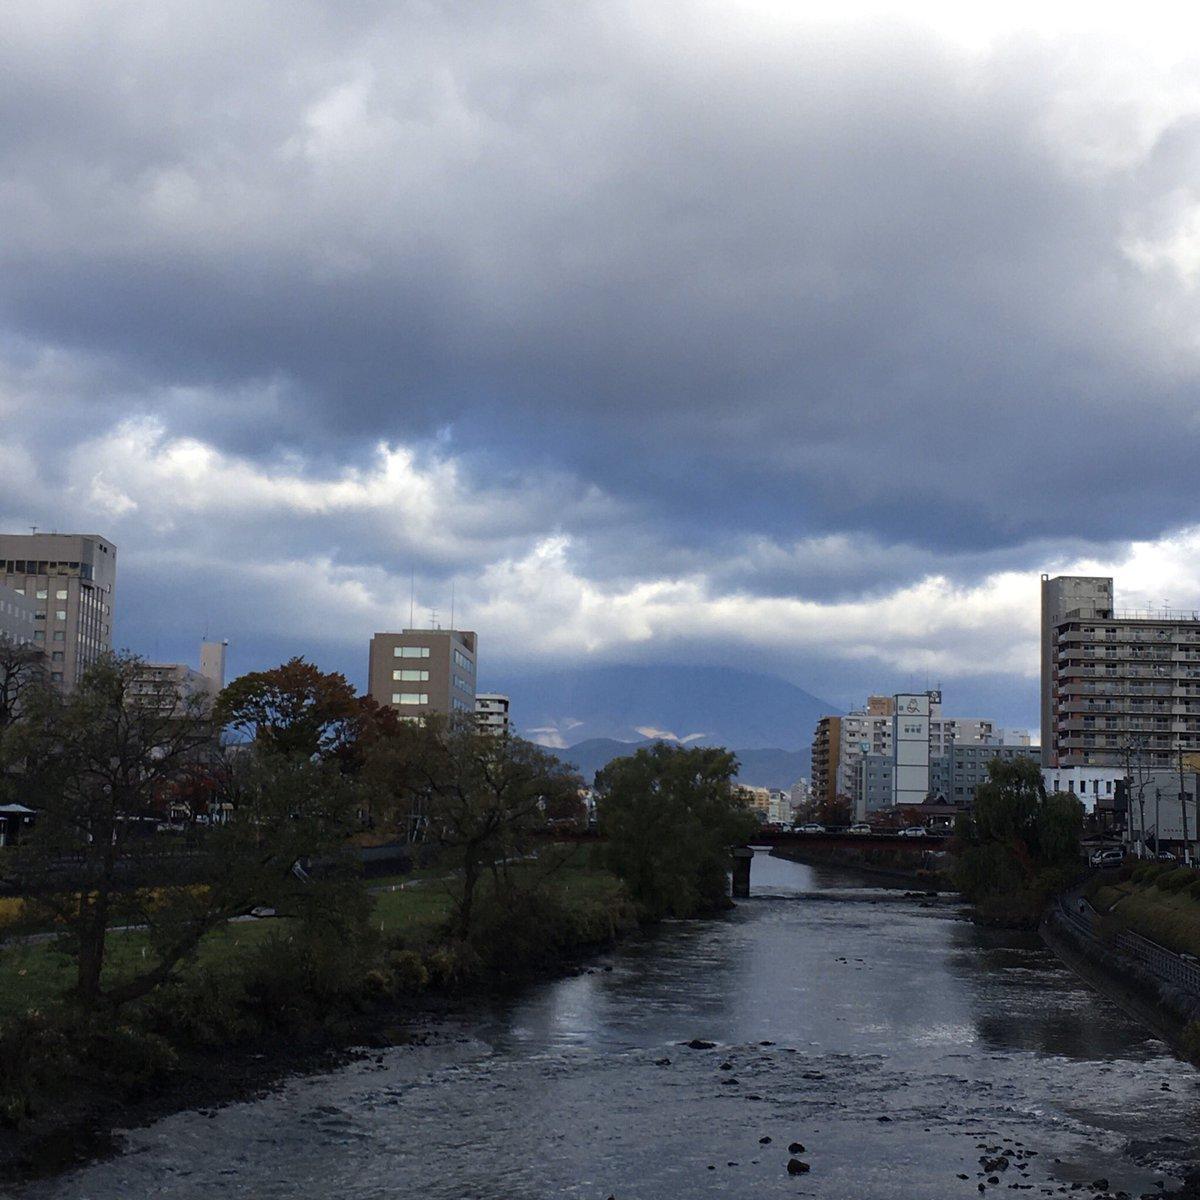 2019/11/12 盛岡市の開運橋から撮影。みなさま、体調管理に気をつけてお過ごしください。 #岩手 #盛岡 #北上川 #岩手においでよ